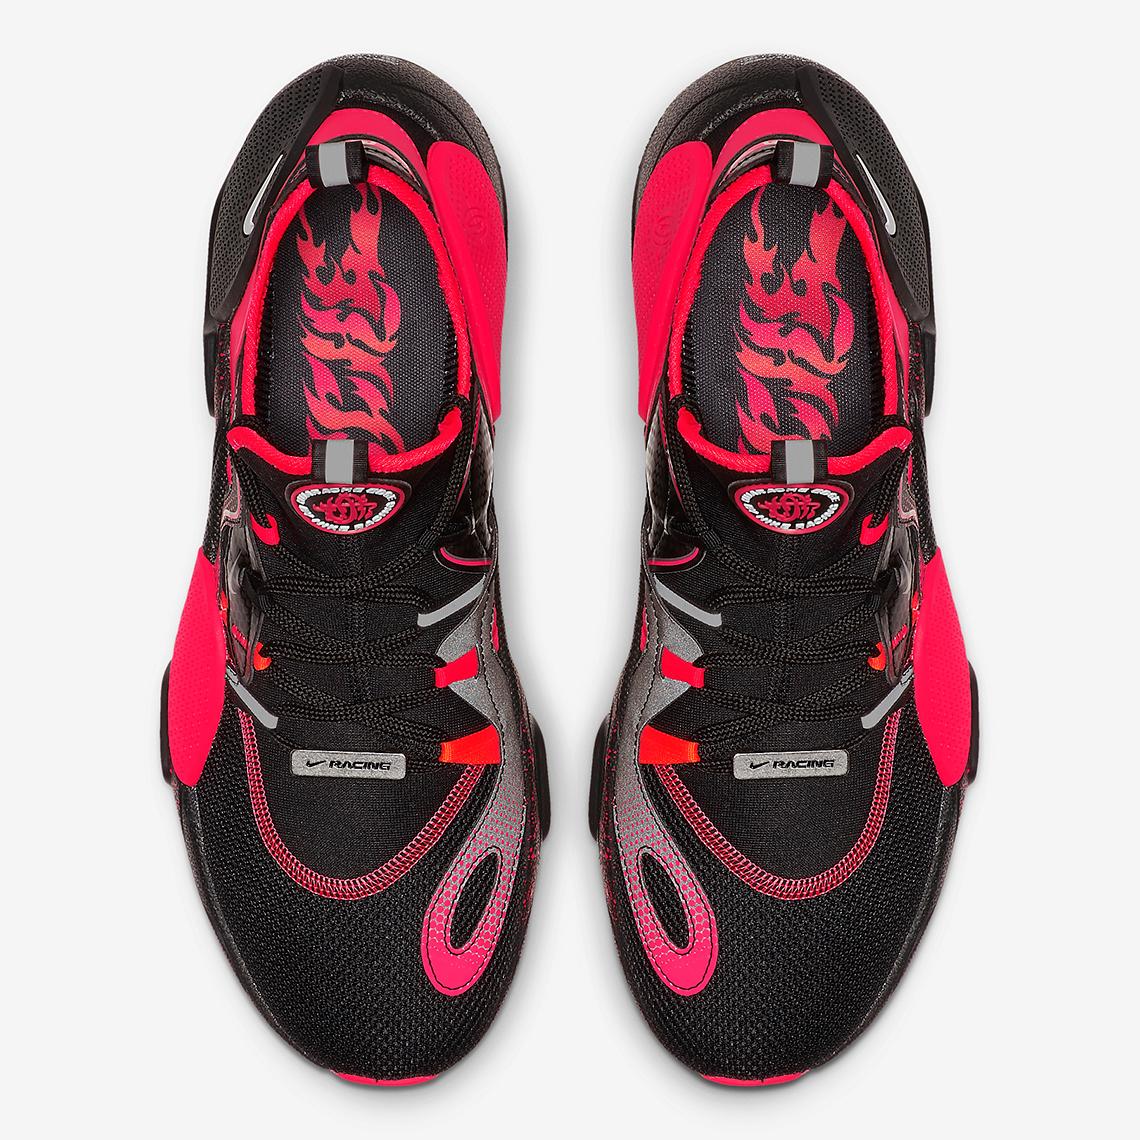 the best attitude 9d6f8 7a20a Nike Air Huarache EDGE AS BV8171-001 Release Info   SneakerNews.com